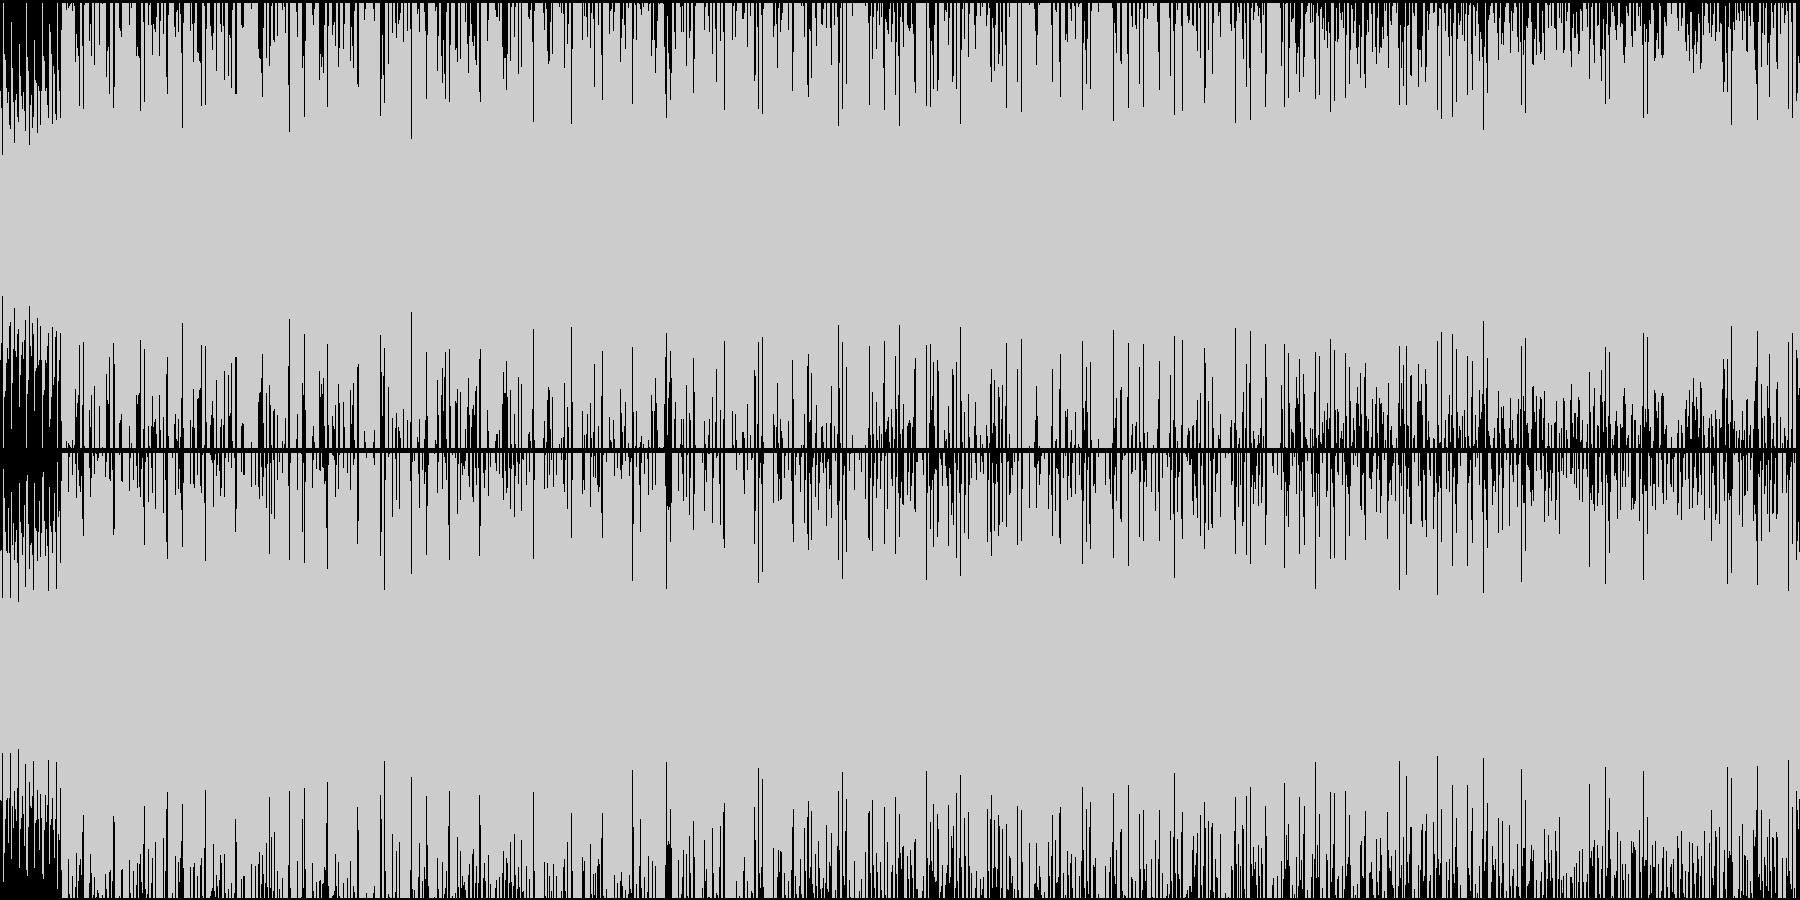 民族楽器を使った明るく疾走感のあるBGMの未再生の波形